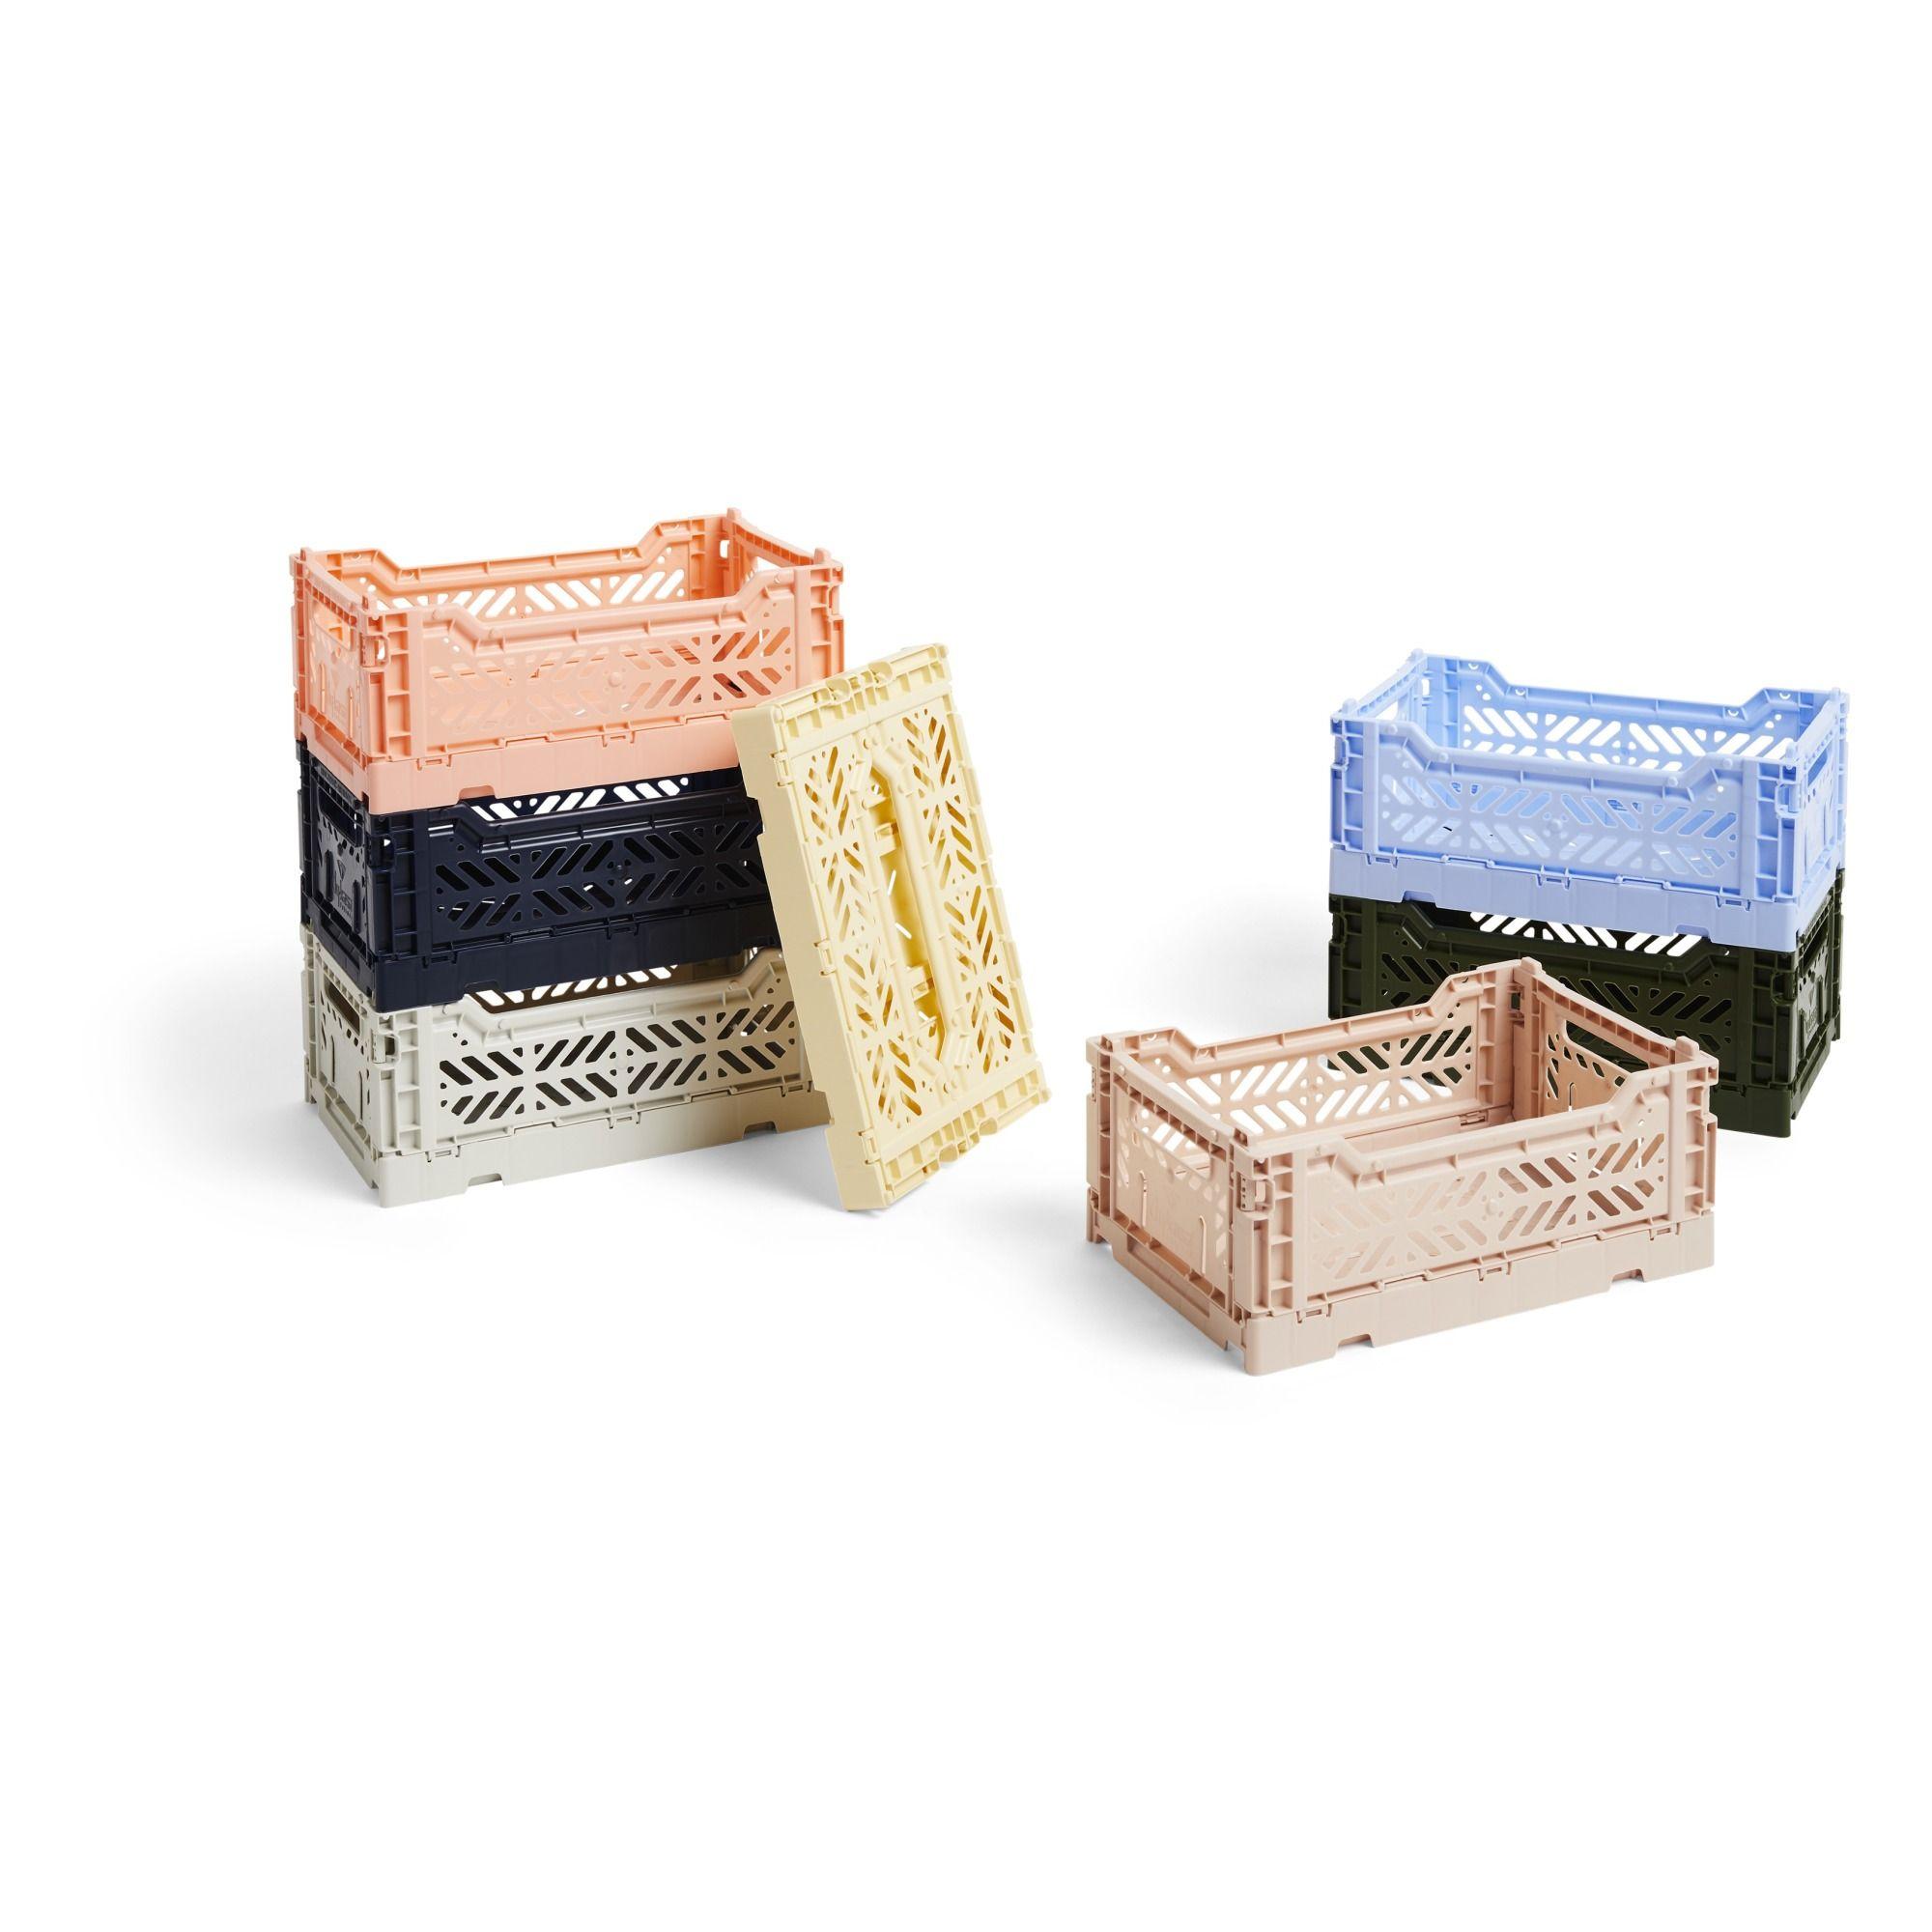 Foldable Crate Light Grey Hay Design Adult En 2020 Cagette Plastique Caisse Plastique Cagette